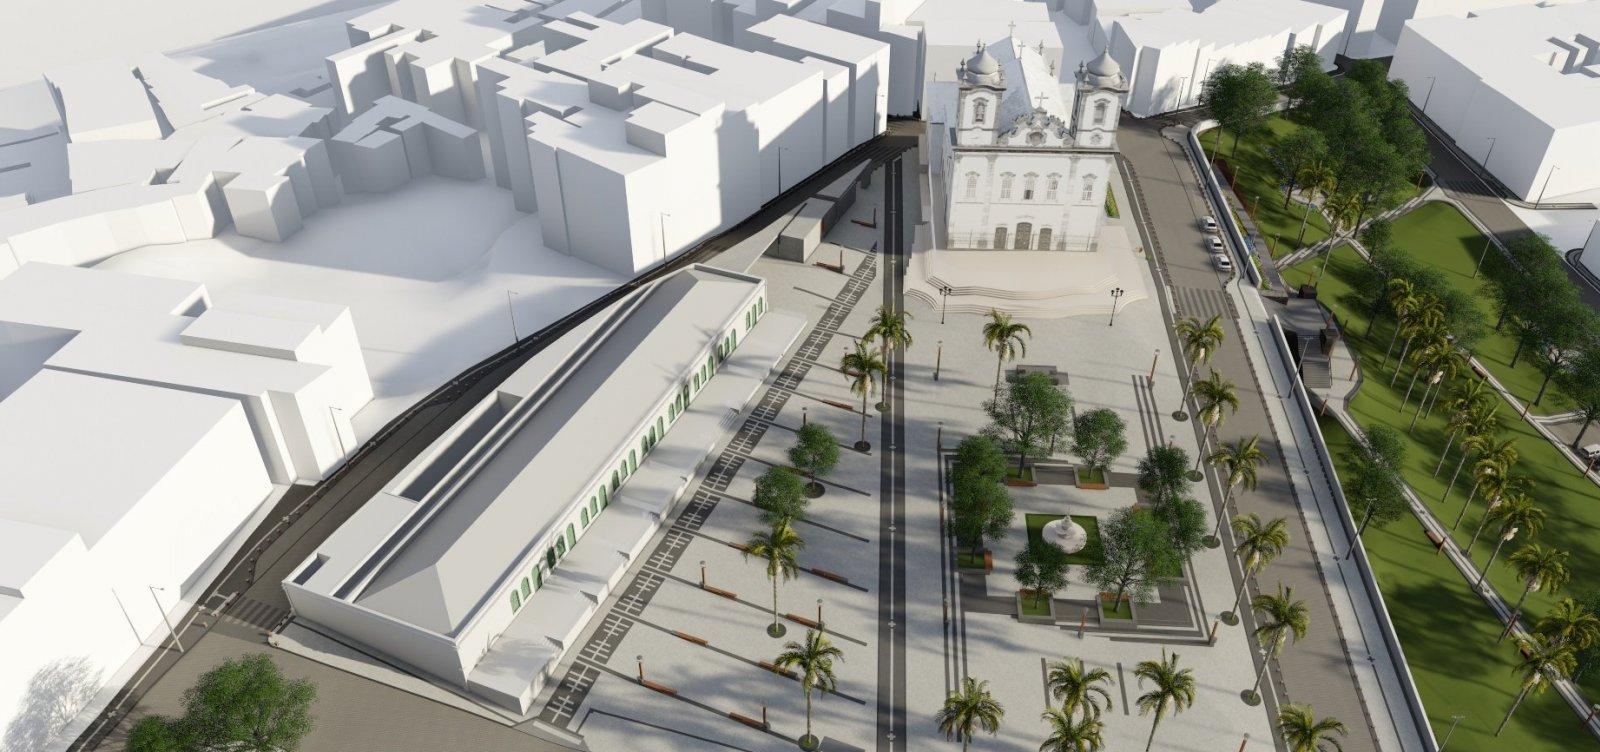 Com obras atrasadas, empresa quer disputar construção de R$ 20 mi em Salvador